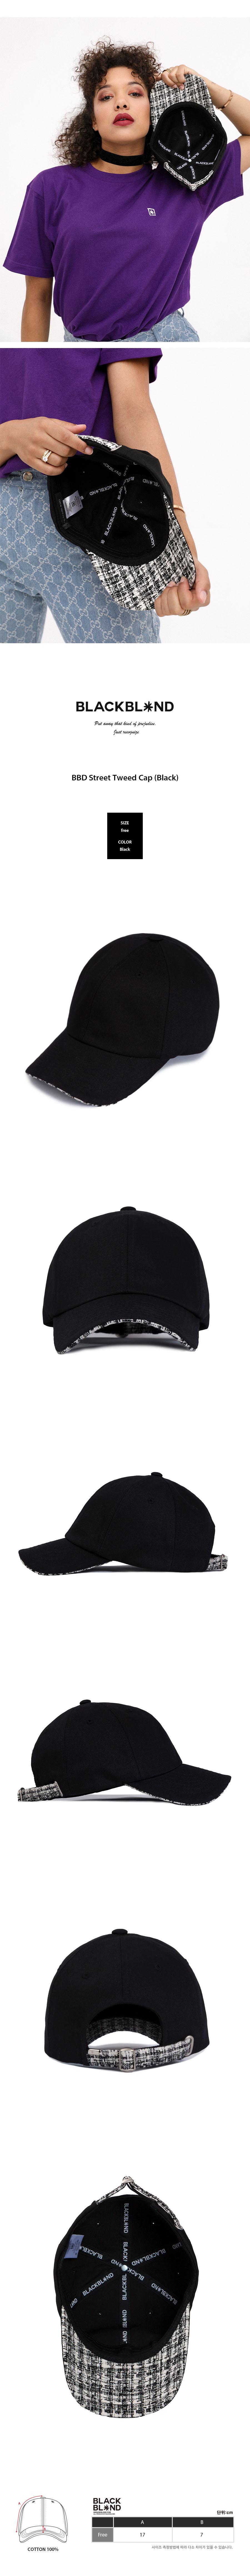 BBD-Street-Tweed-Cap-%28Black%29.jpg